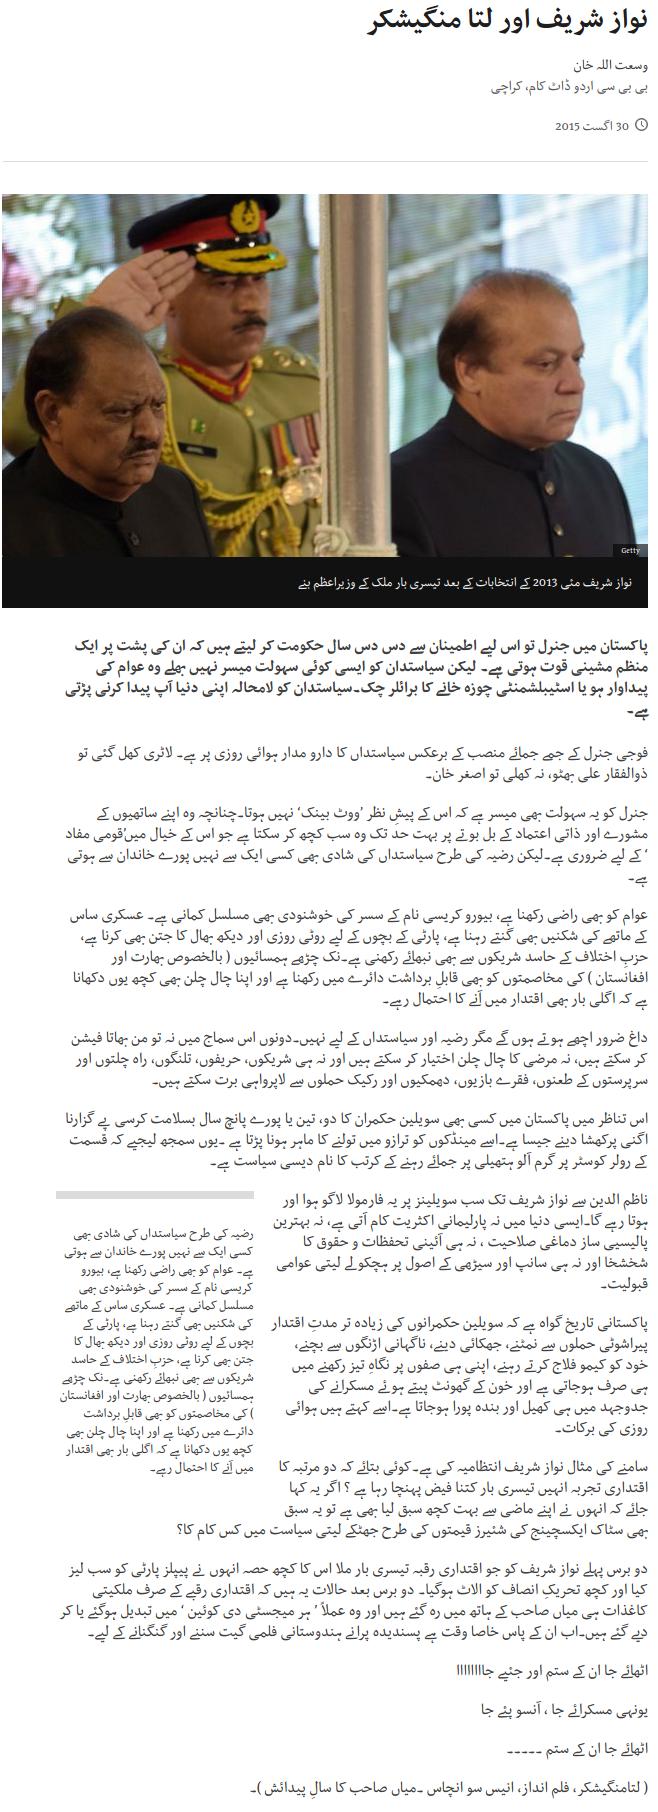 Wusatullah Khan Column | Nawaz Sharif Aur Lata Mangeshker | Baat Say Baat